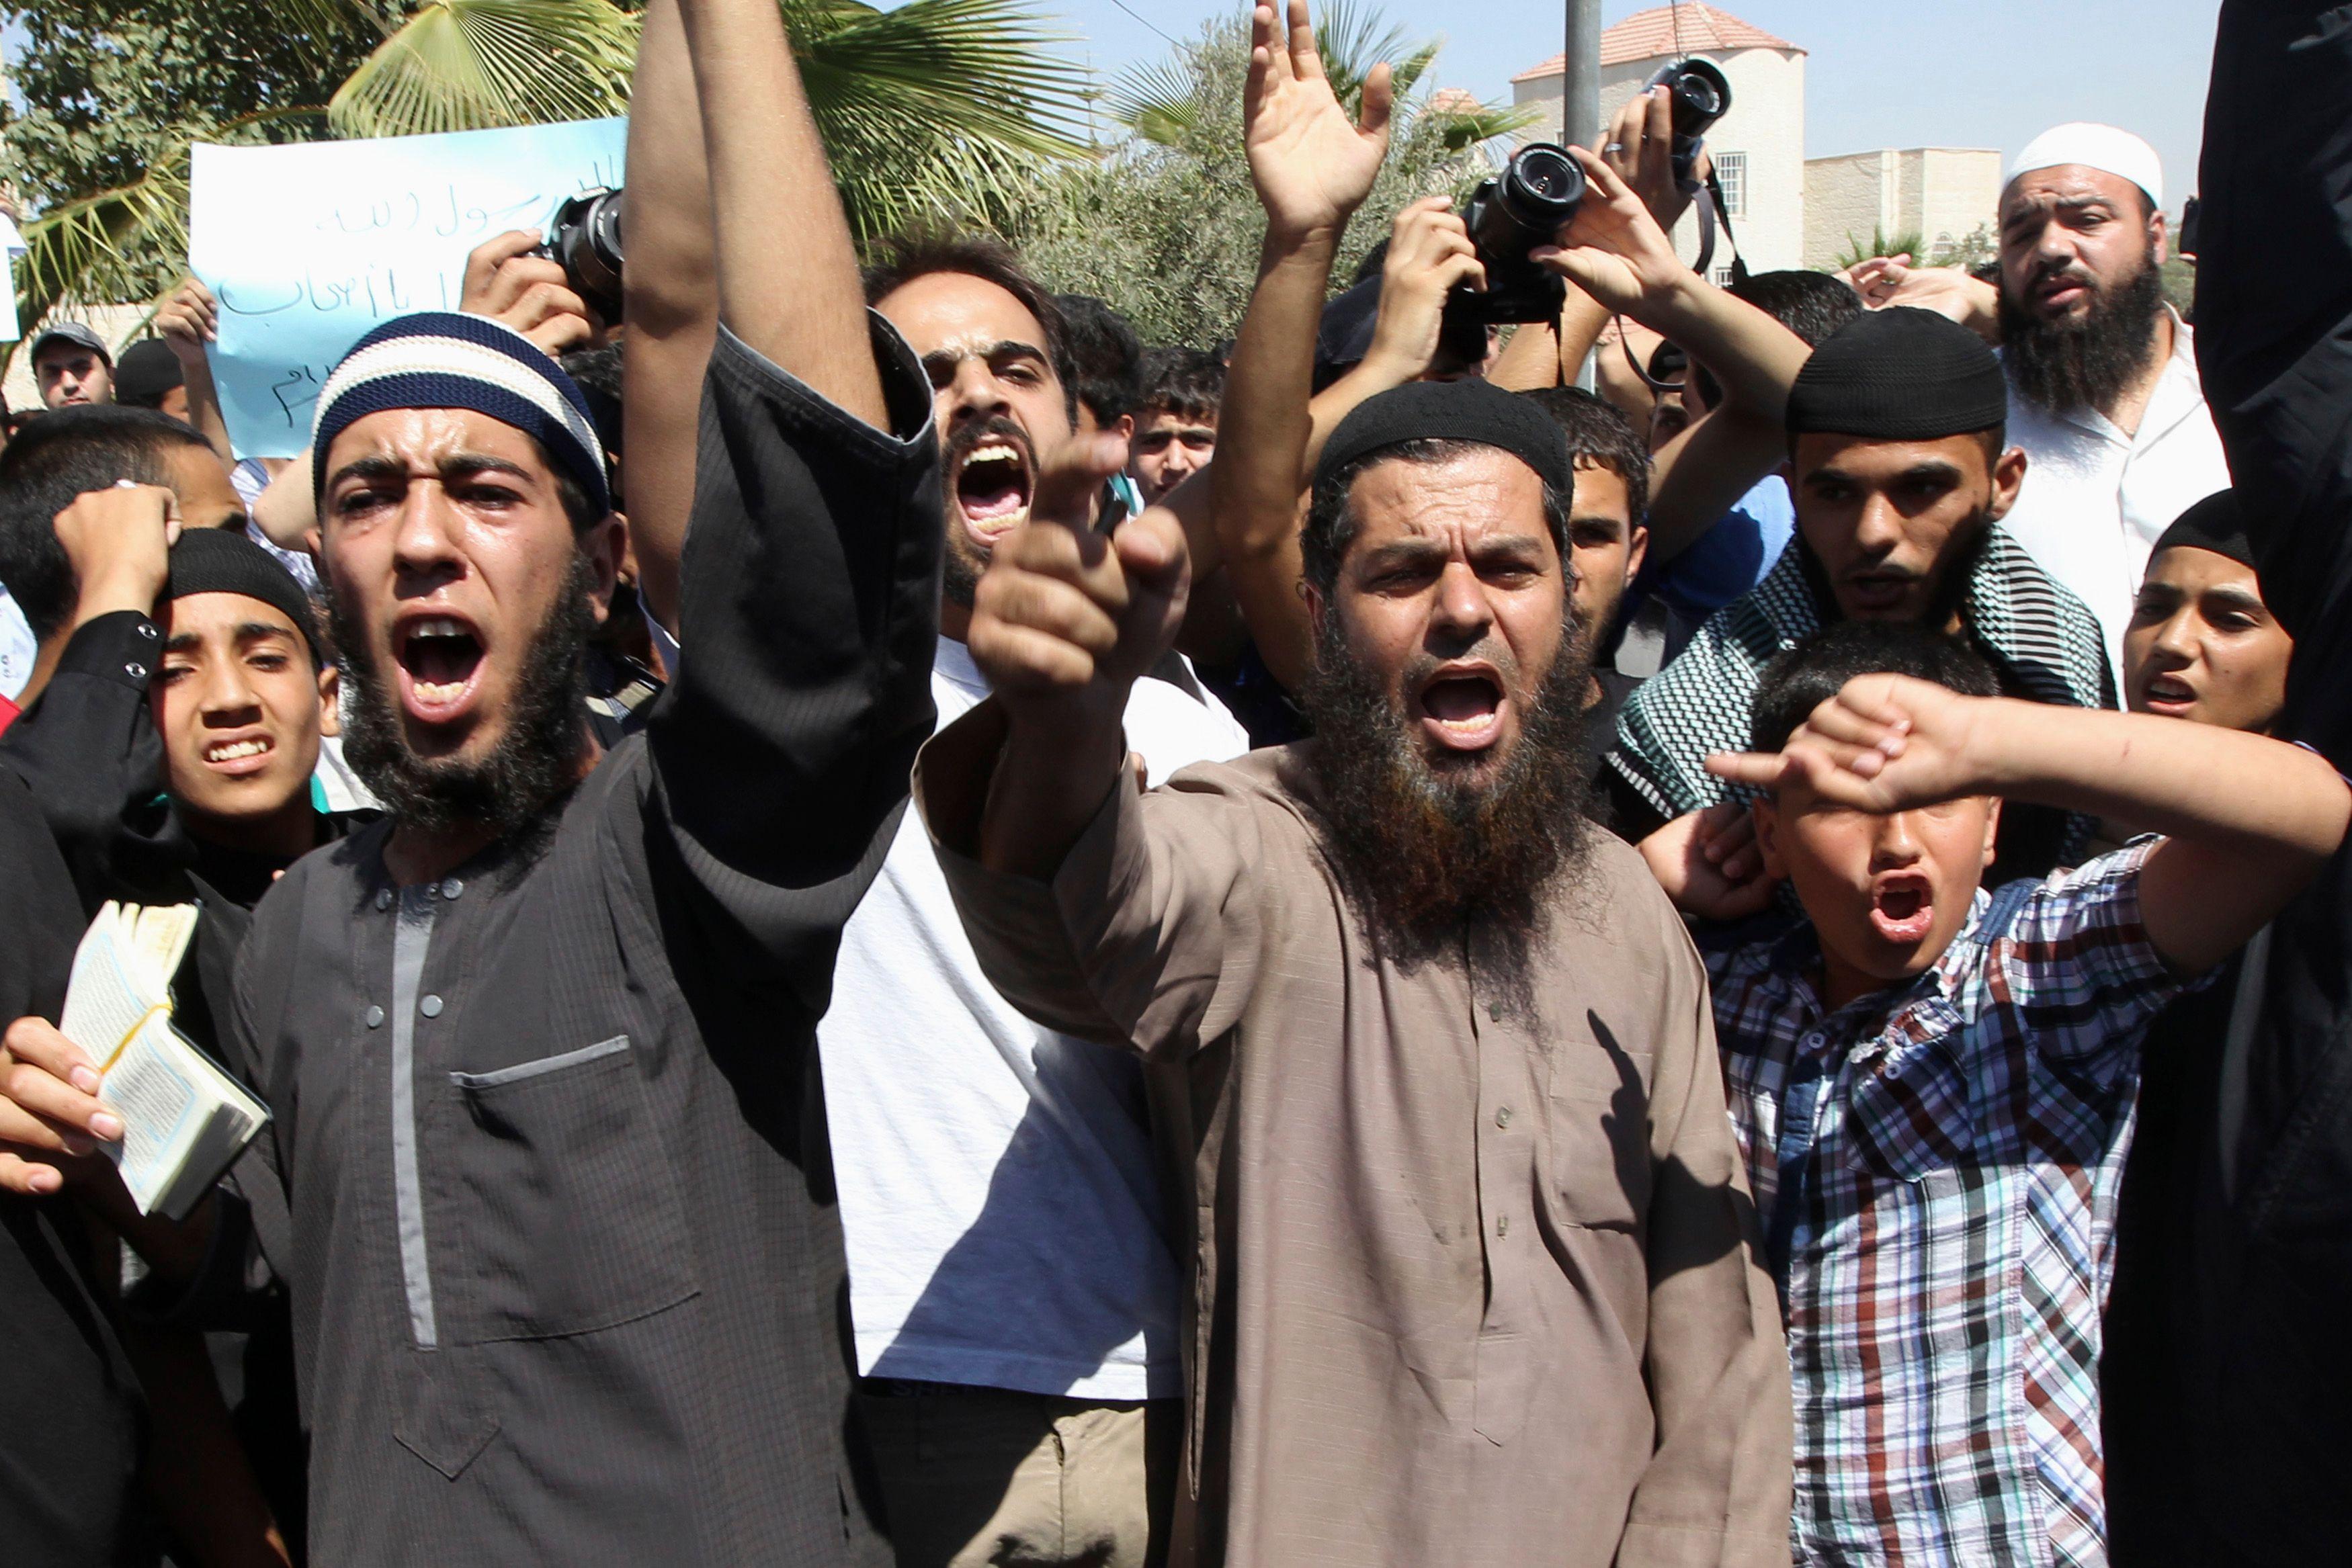 Comment l'idéologie islamique a été en toute irresponsabilité introduite et implantée en France